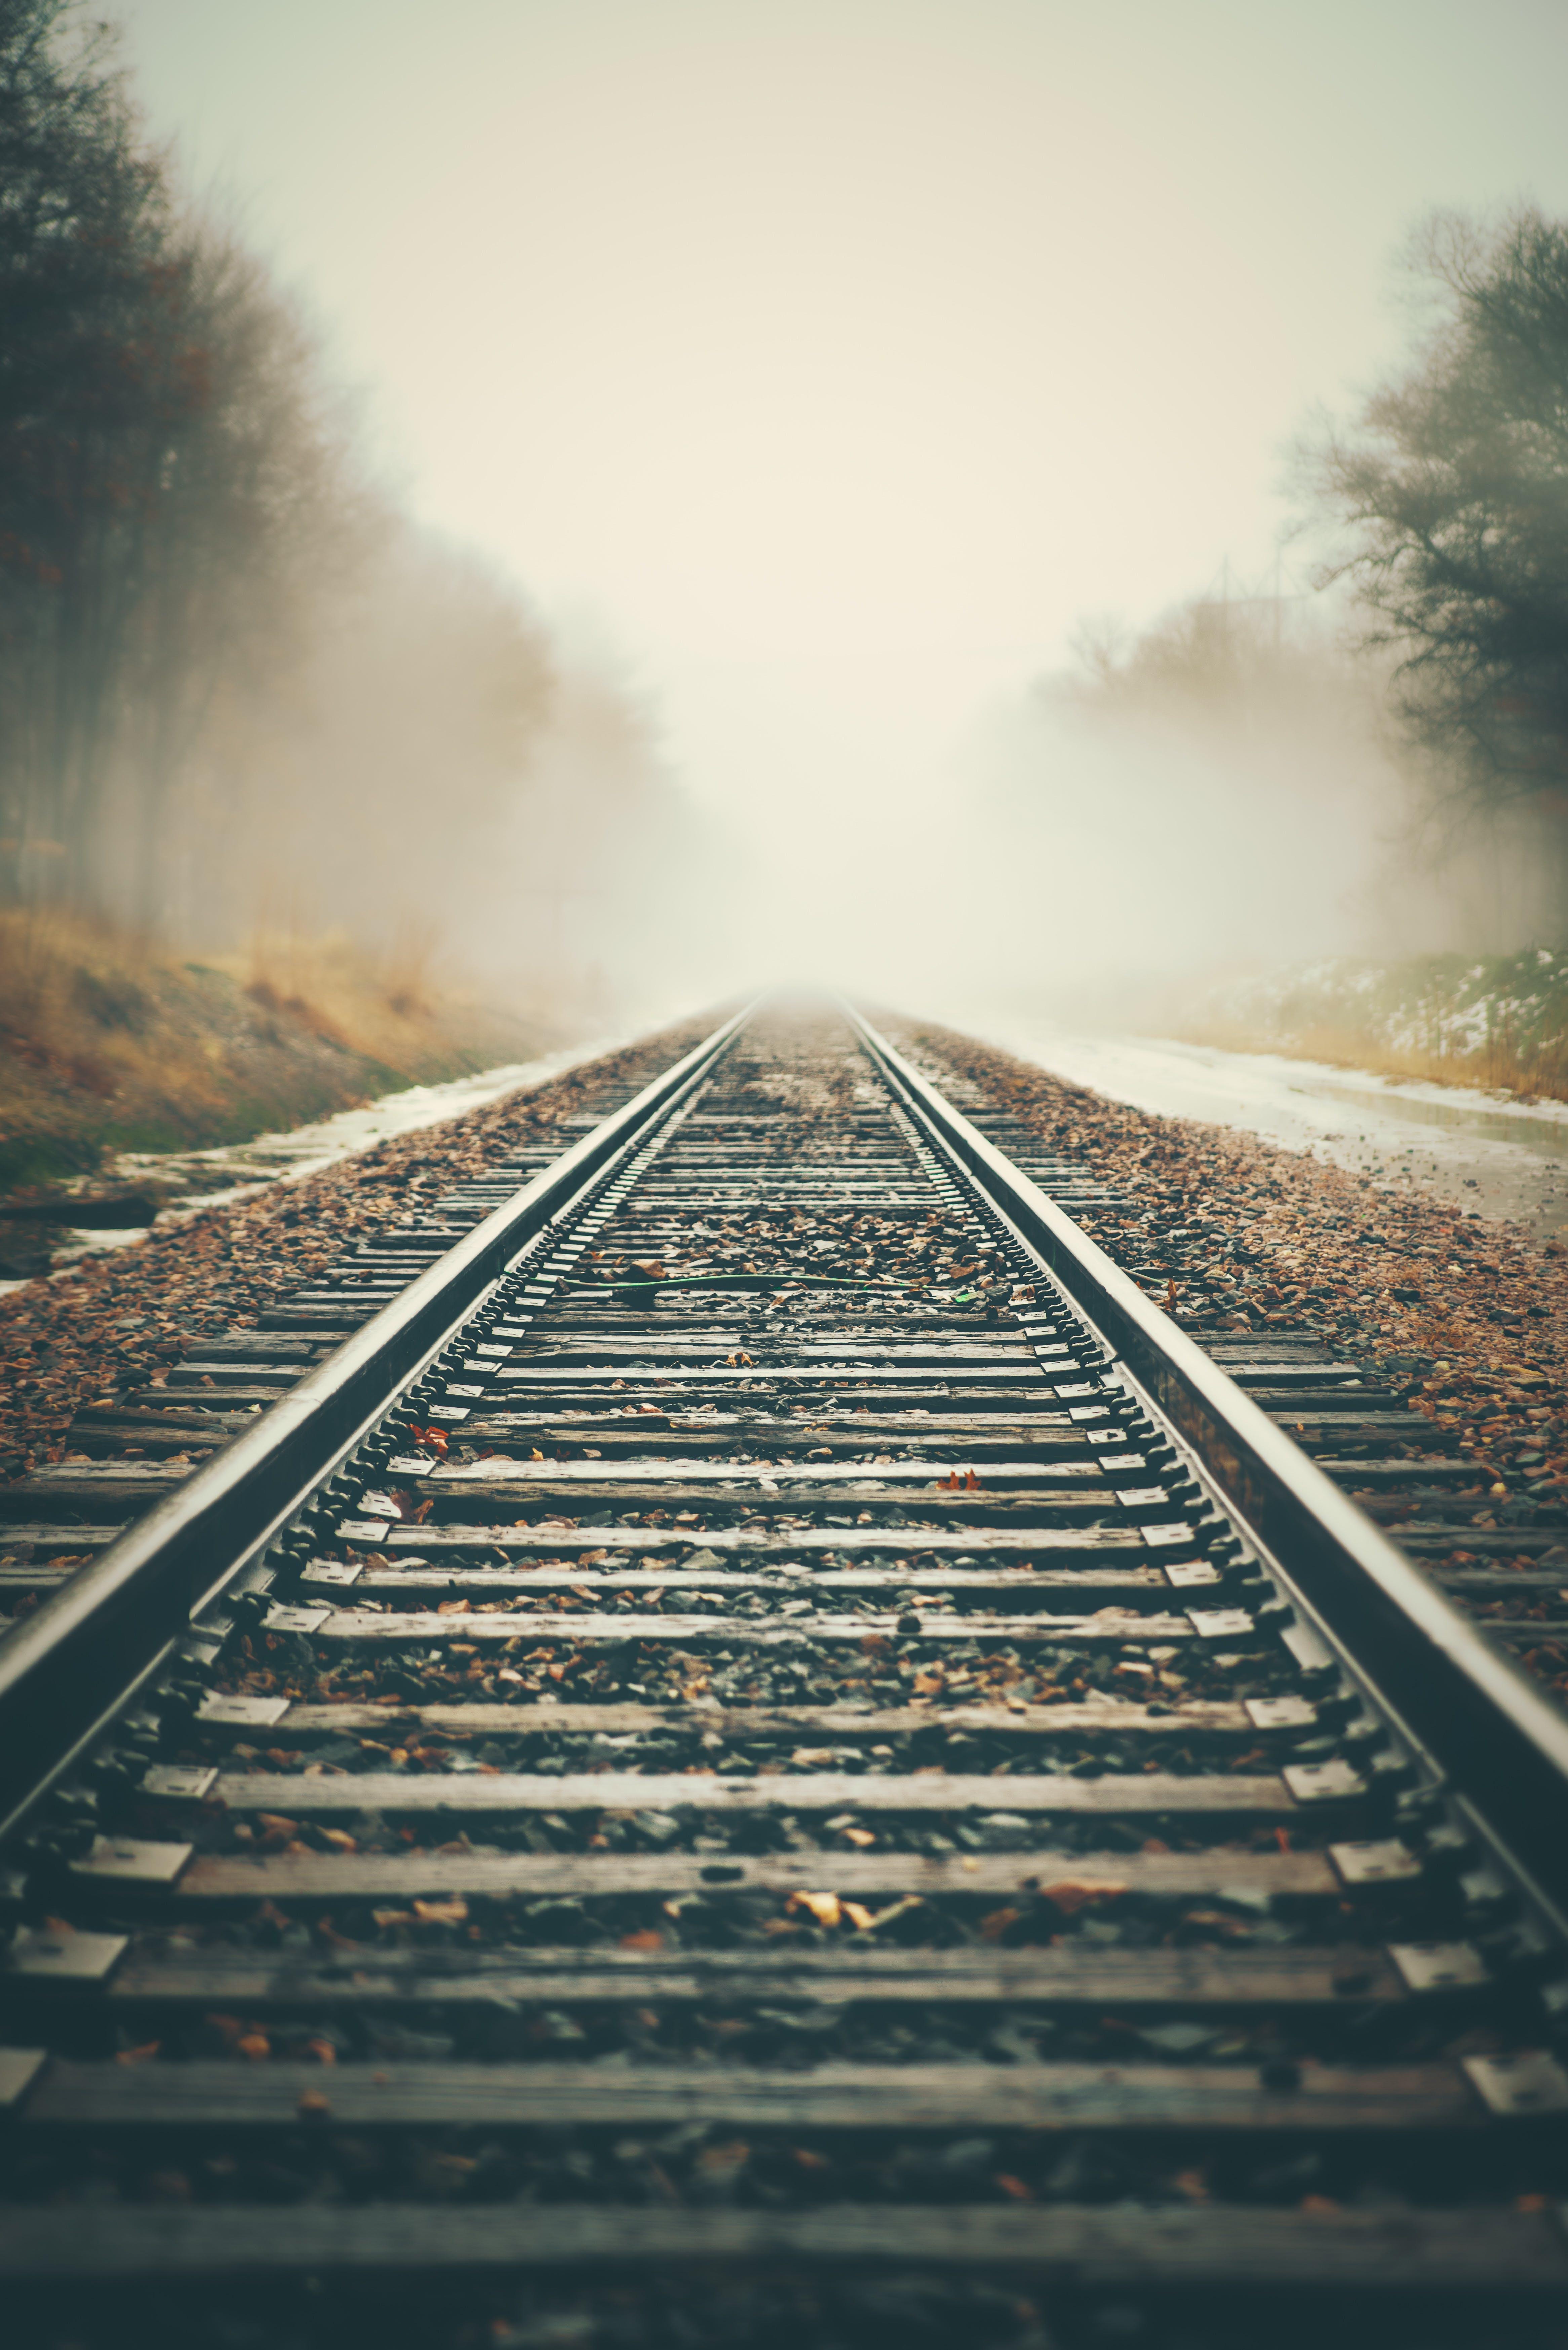 Kostenloses Stock Foto zu eisenbahn, nebel, neblig, perspektive